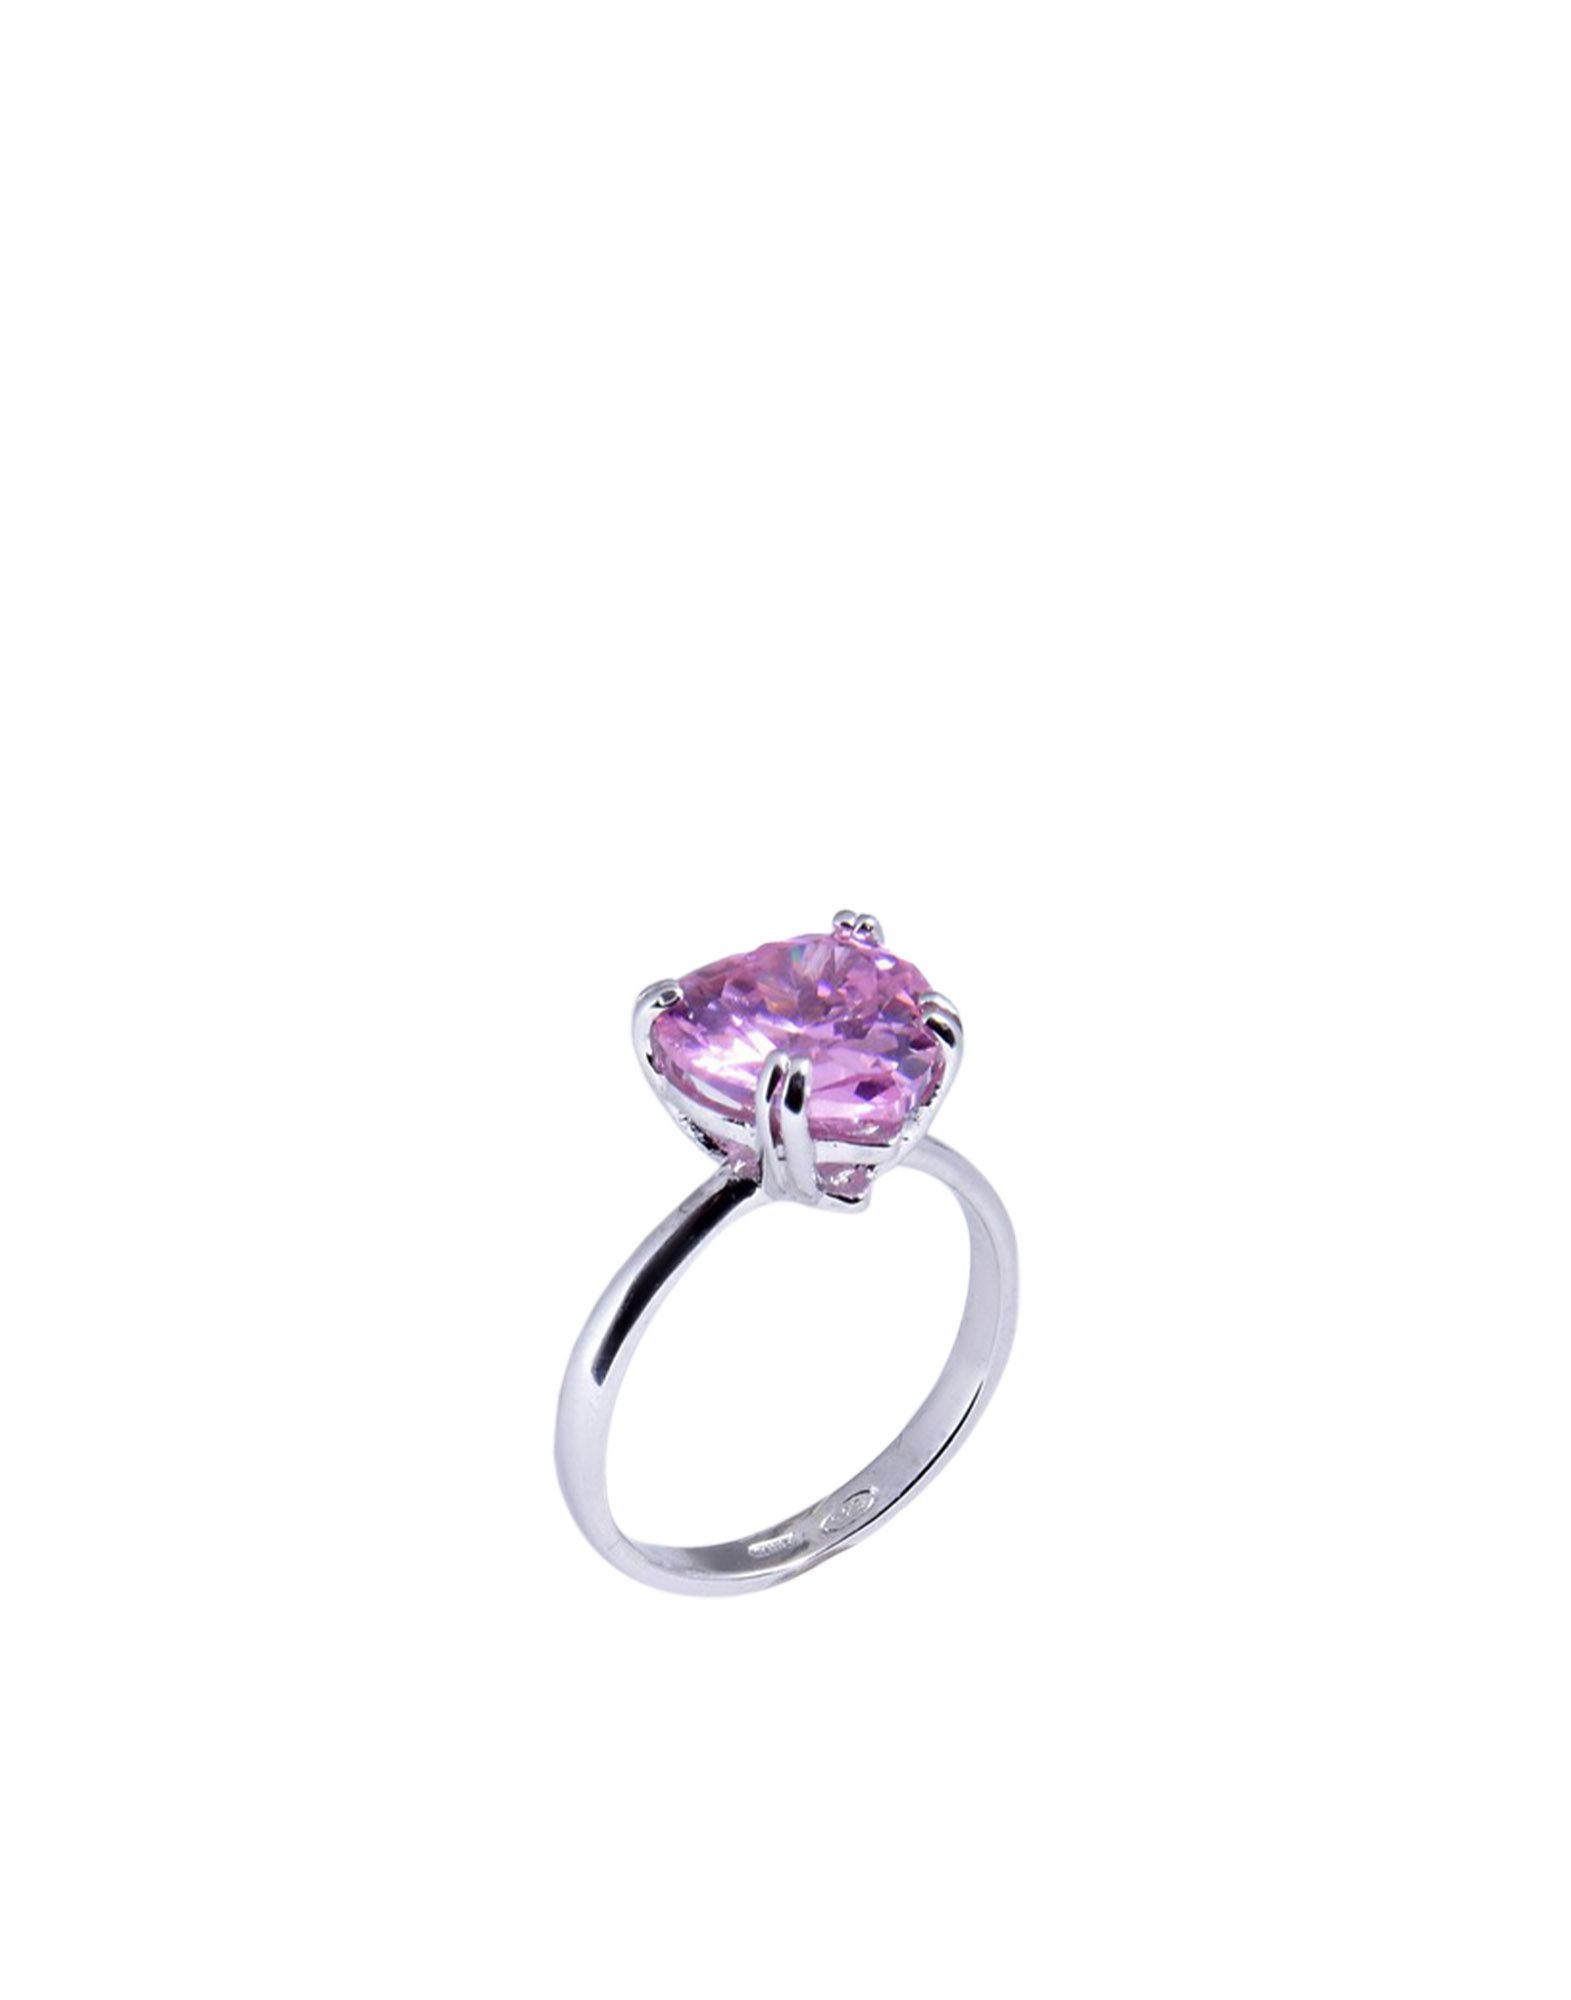 《送料無料》BLISS レディース 指輪 シルバー 13 シルバー925/1000 / キュービックジルコニア